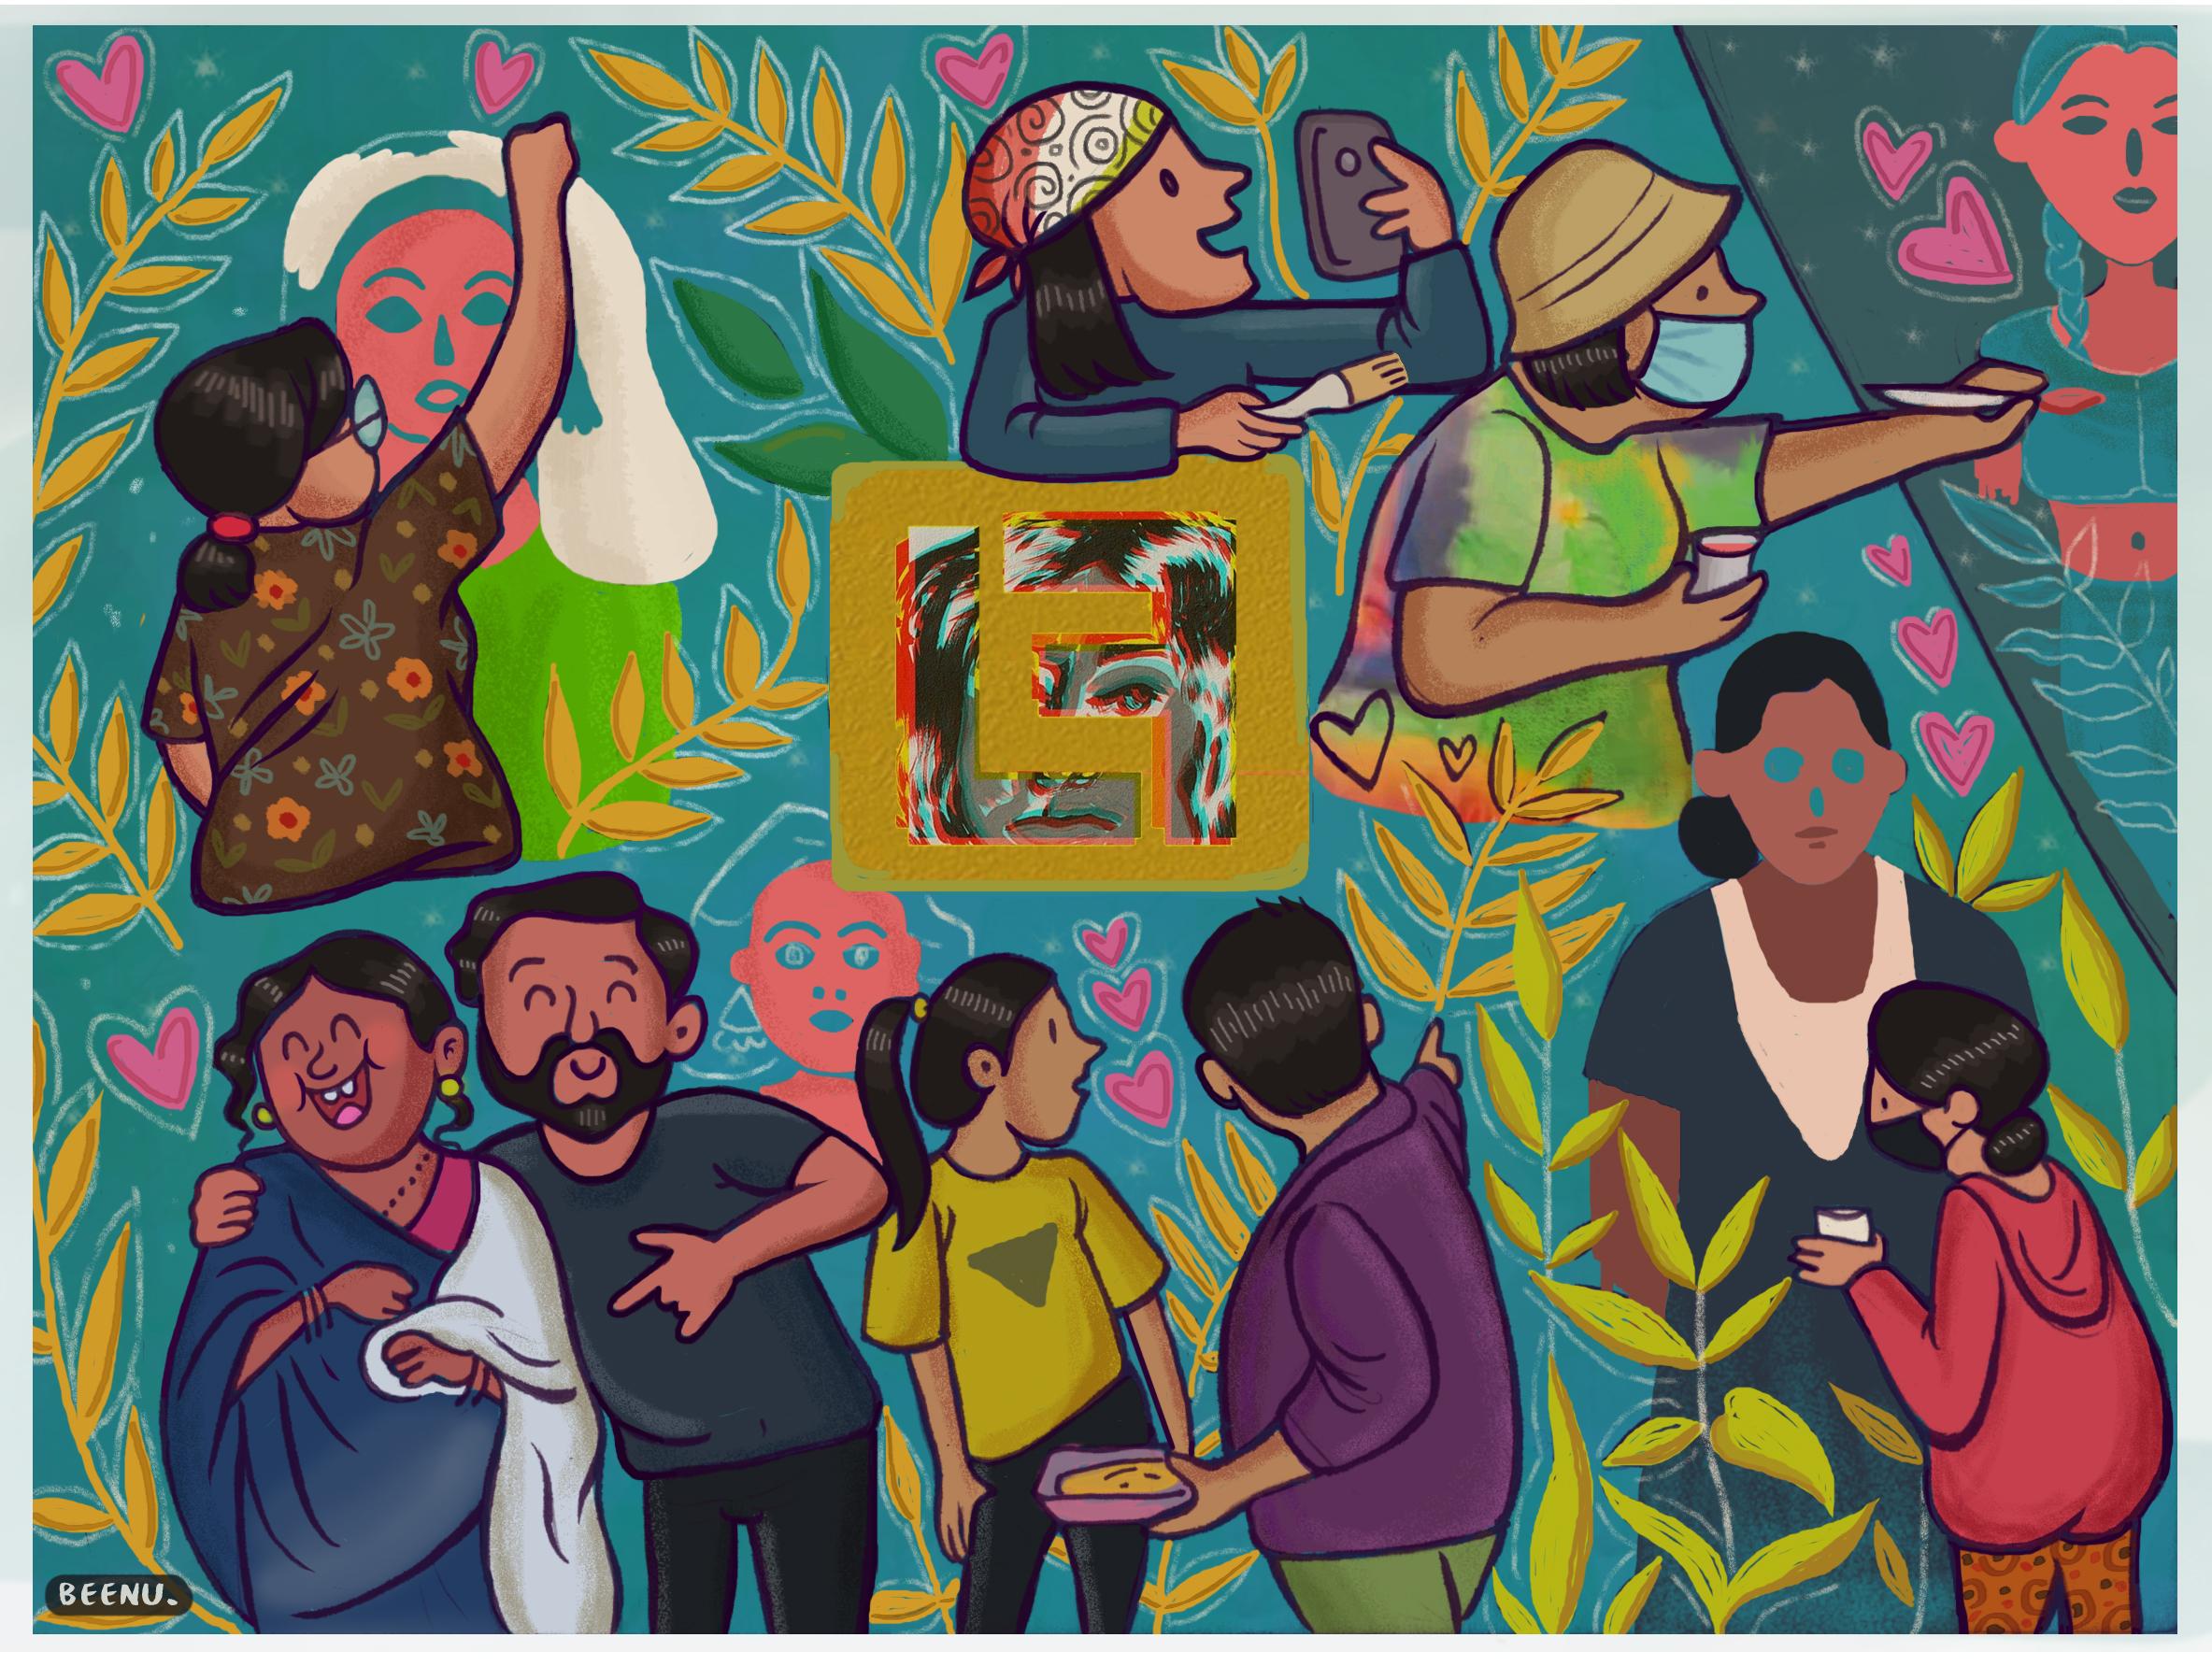 artist beenu aka walkindehra at ladies first street art dehradun